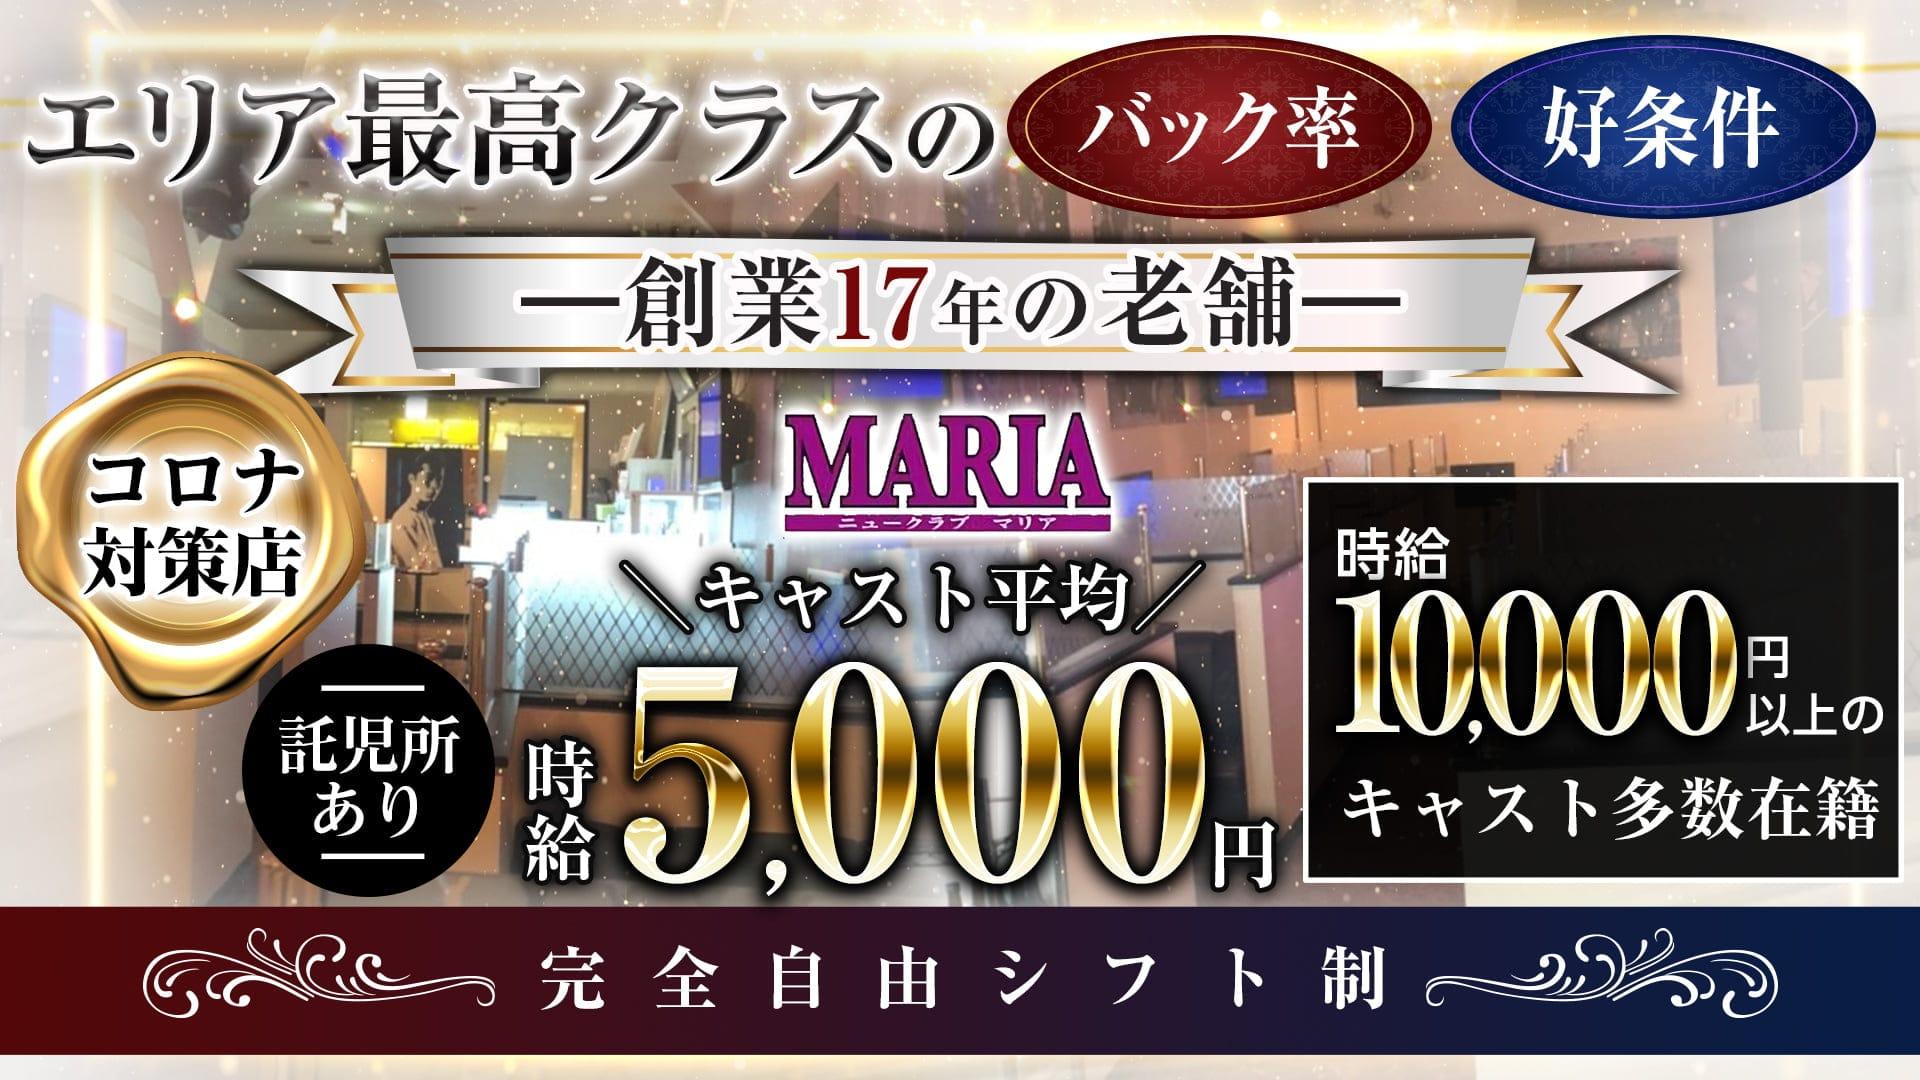 New Club MARIA (マリア)【公式求人・体入情報】 桑名キャバクラ TOP画像